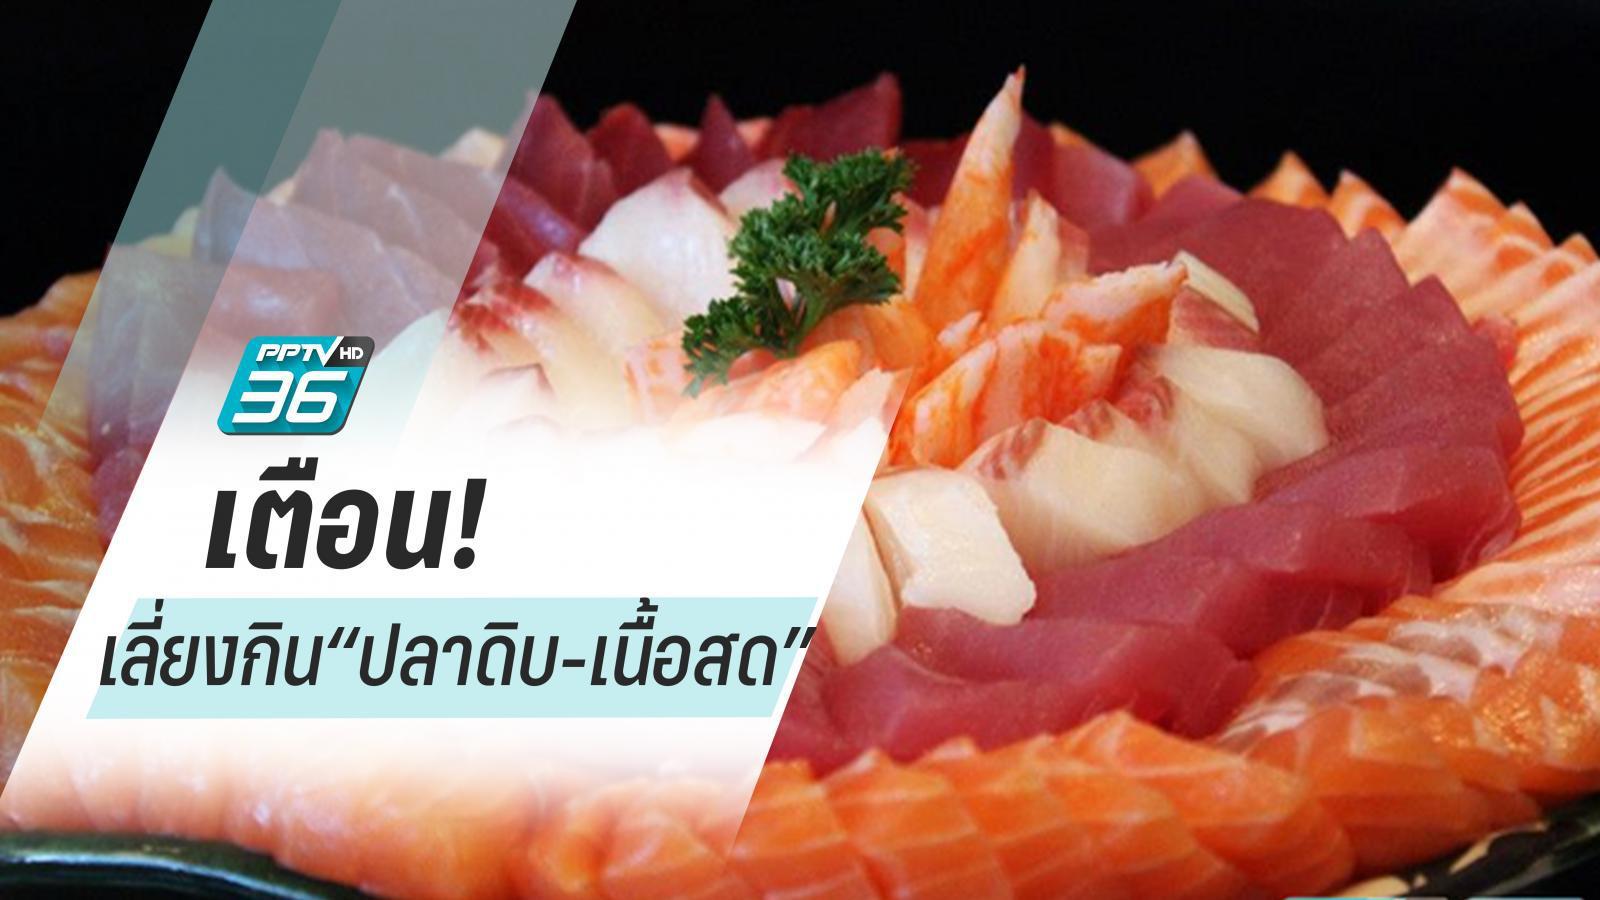 """สถานทูตไทยในญี่ปุ่น เตือนเลี่ยงกิน """"ปลาดิบ-เนื้อสด"""" หลังโควิด-19 ระบาด"""